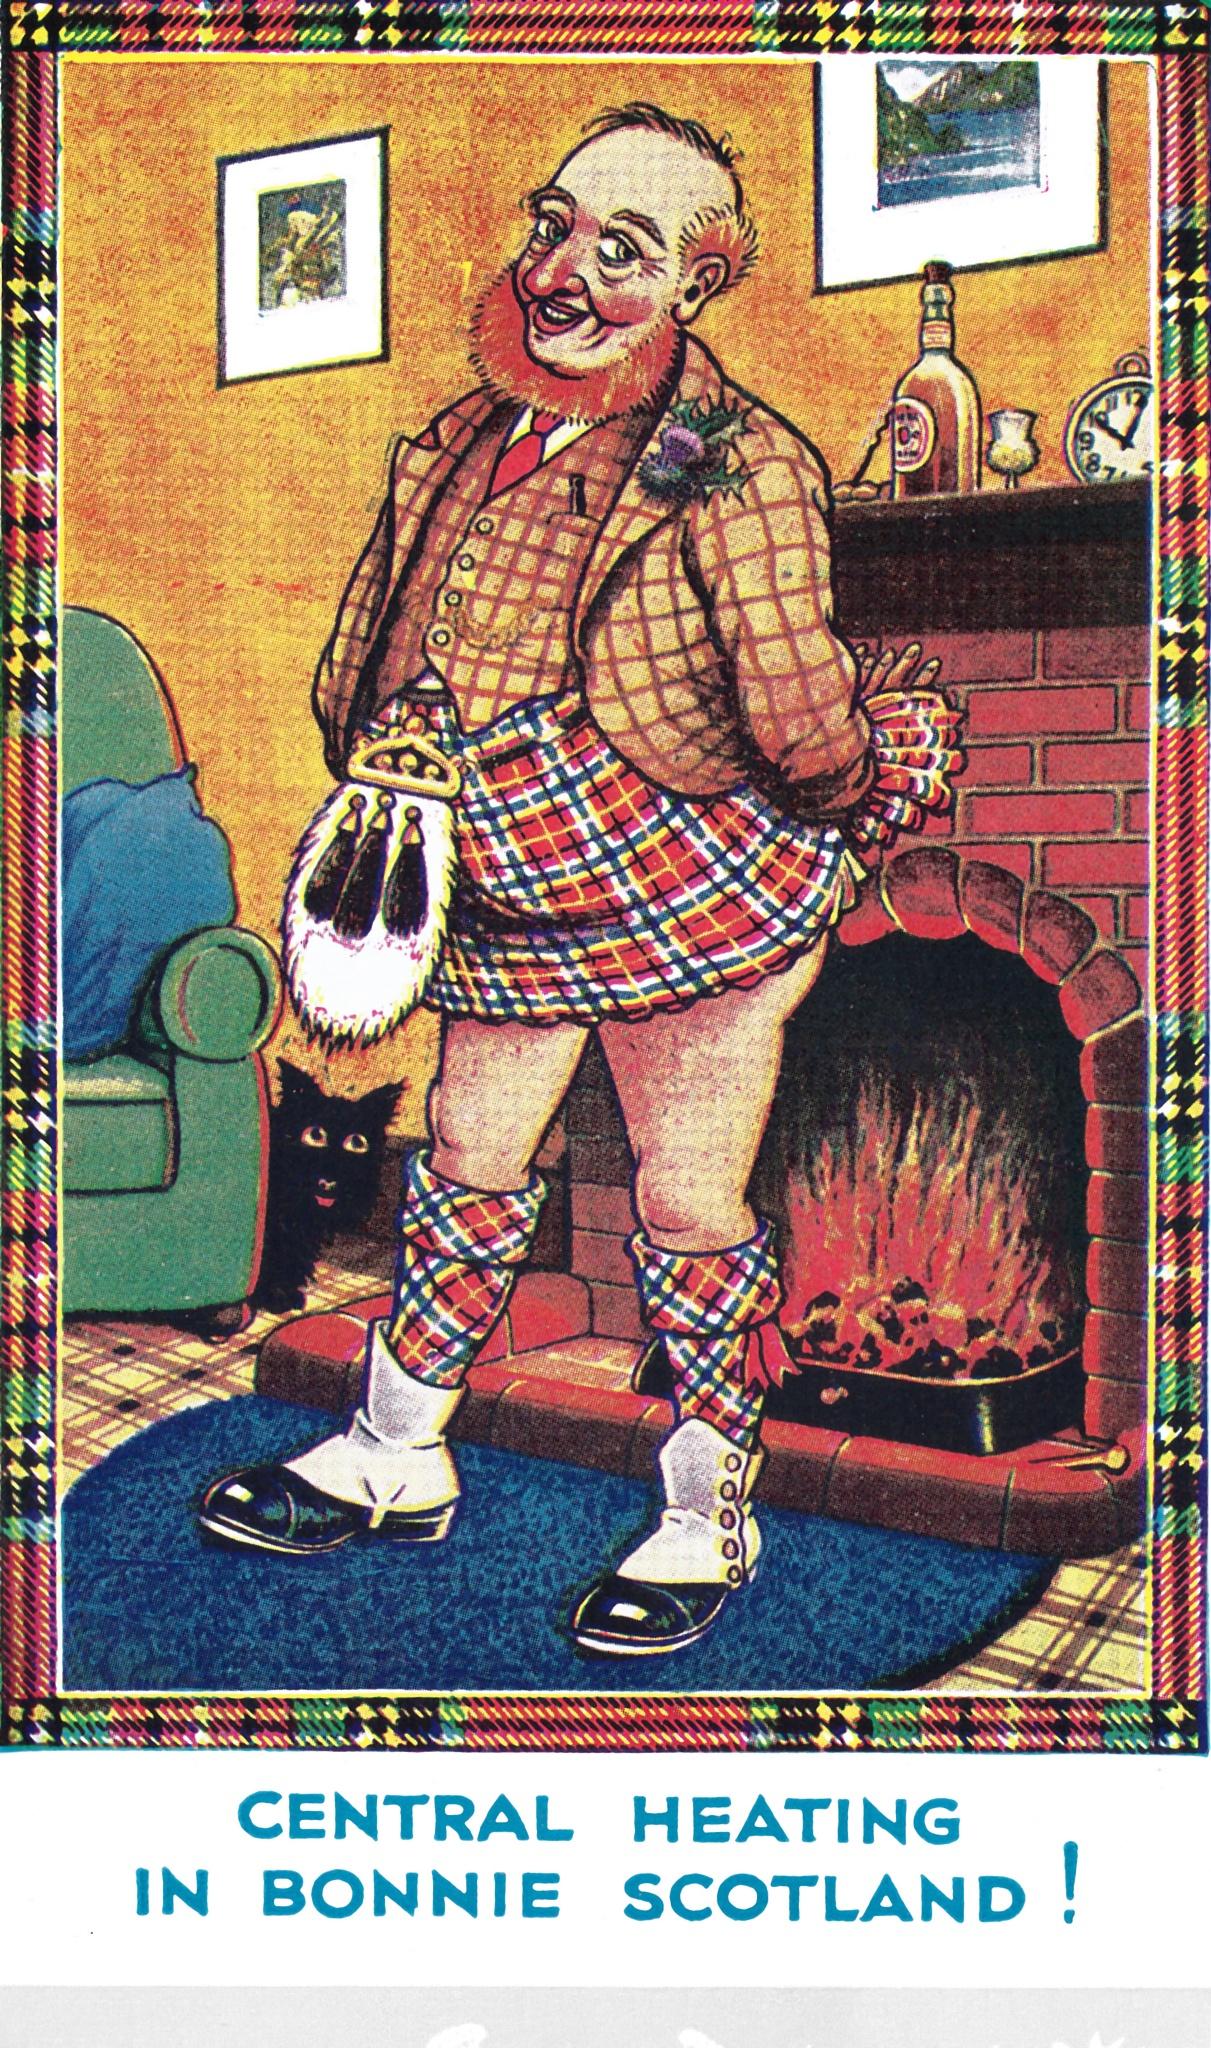 Vintage Scottish Joke 7 by Lars-Toralf Utnes Storstrand